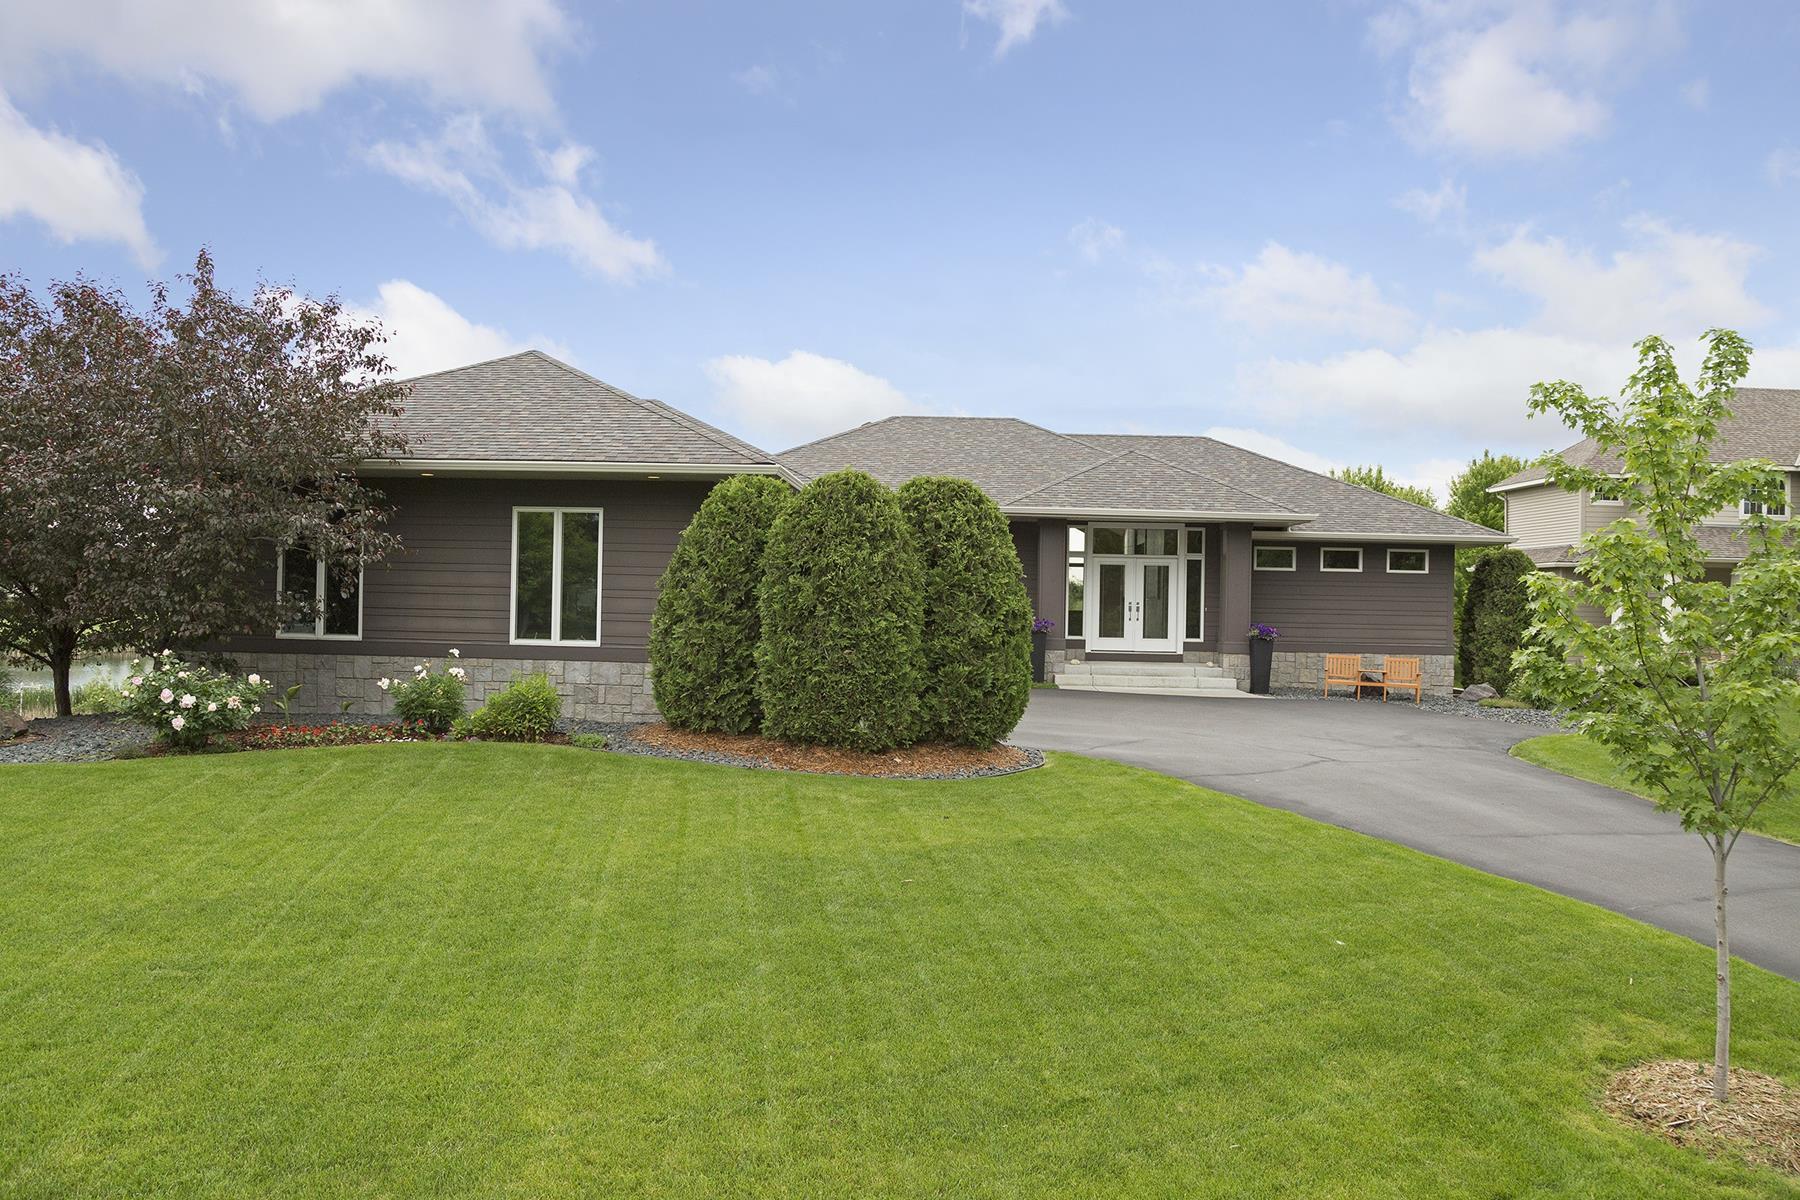 Casa Unifamiliar por un Venta en 8285 Kelzer Pond Drive Victoria, Minnesota, 55386 Estados Unidos